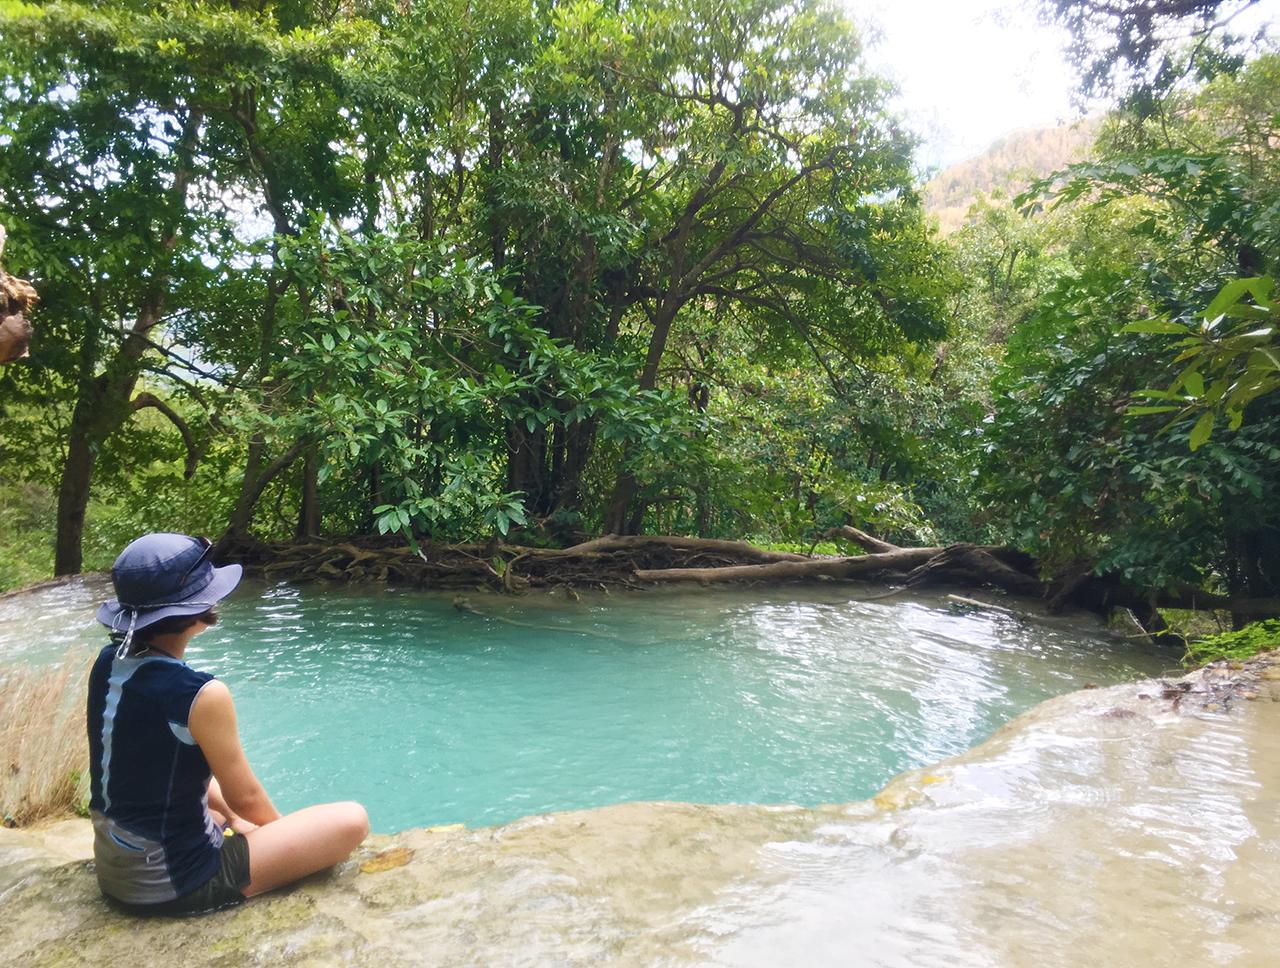 タイ06 カンチャナブリ: エメラルドグリーンのプールで滝浴み ...